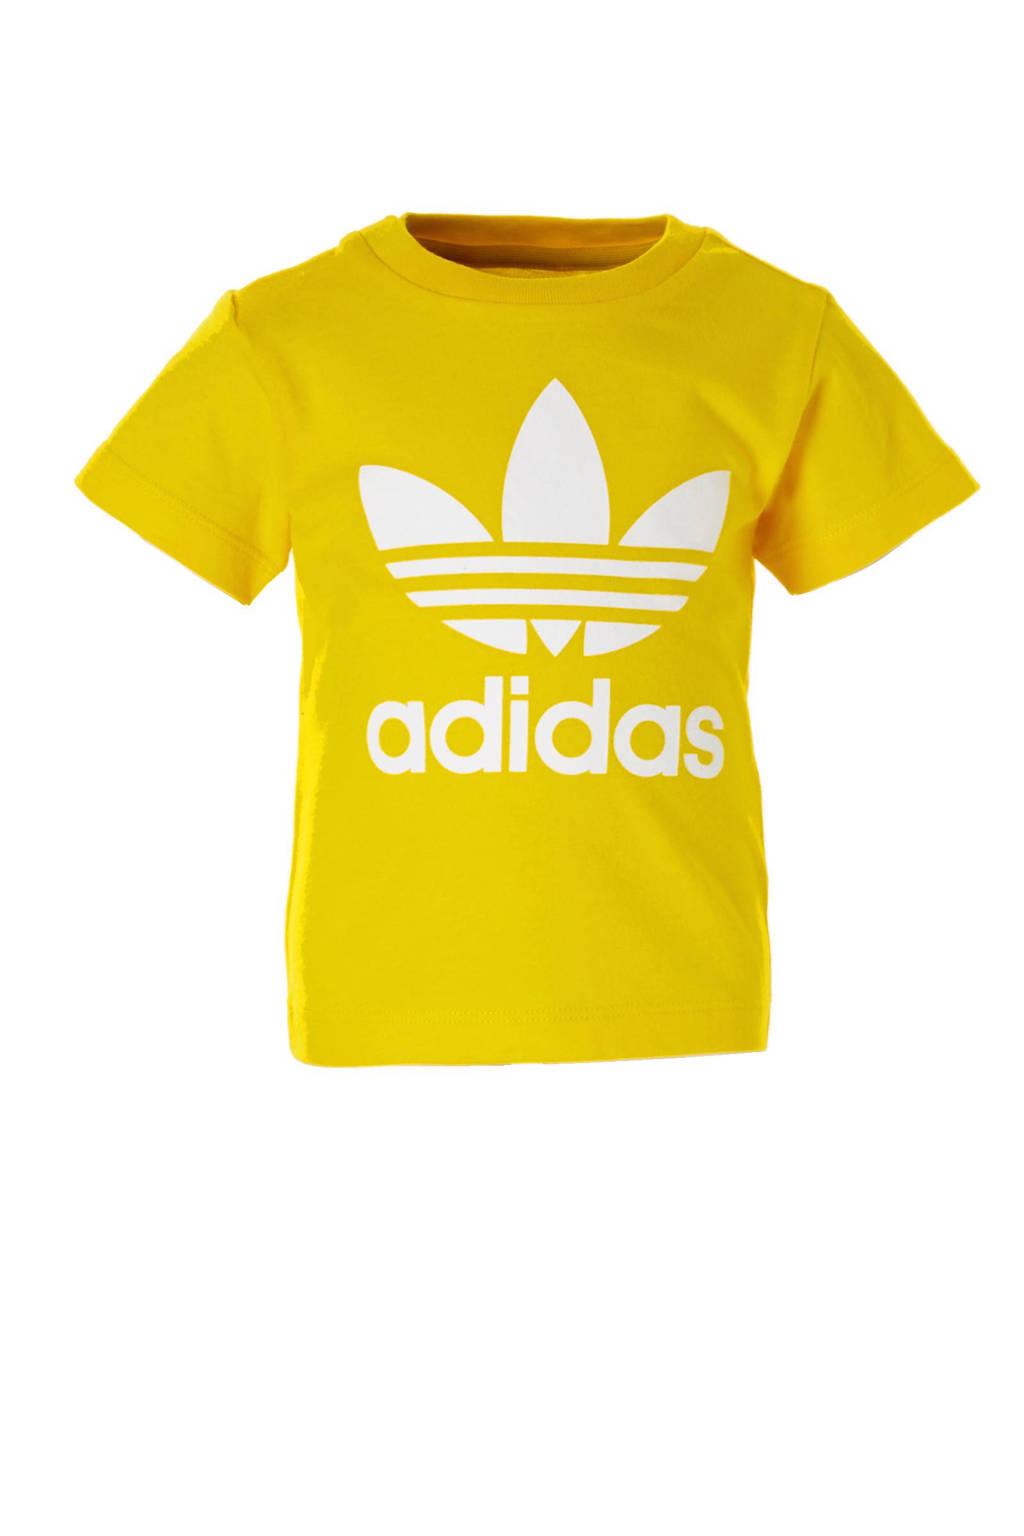 adidas originals   T-shirt geel, Geel/wit